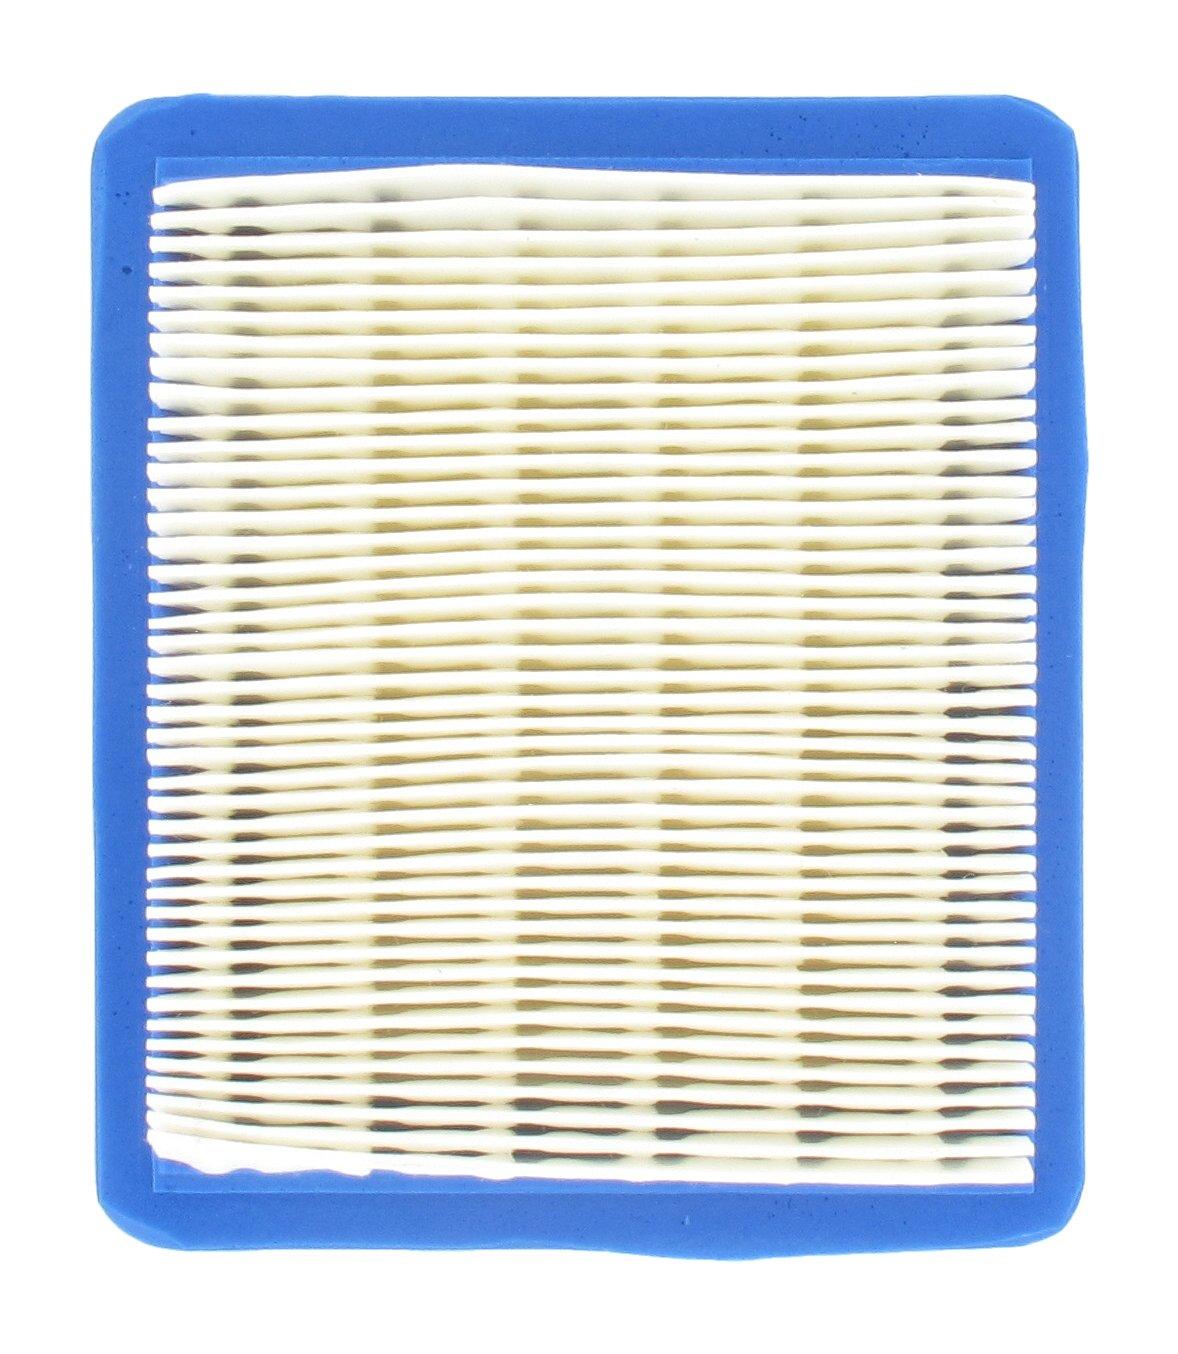 Air Filter Fits Briggs & Stratton Quantum 491588399959 27698